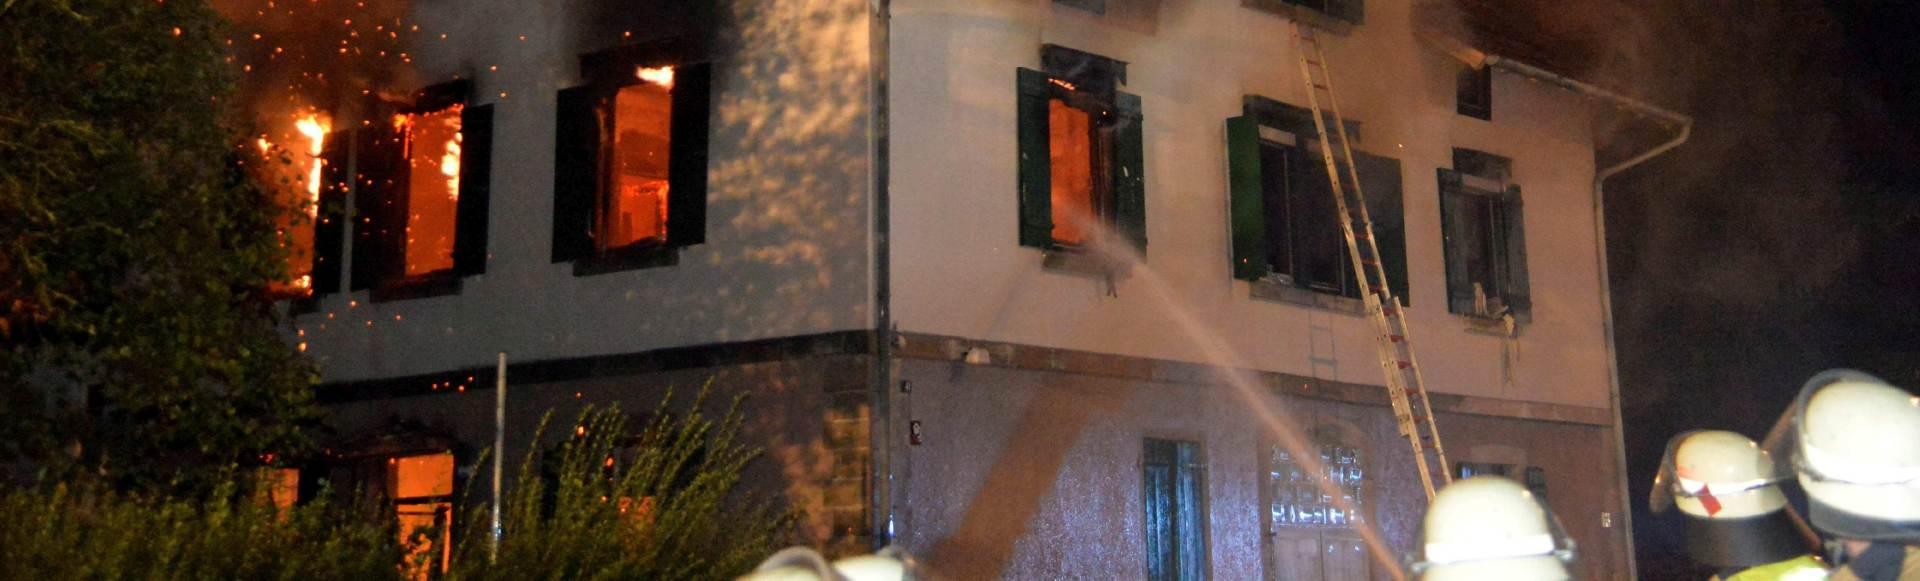 U zagrebačkom Petruševcu izgorjela žena dok je ložila peć